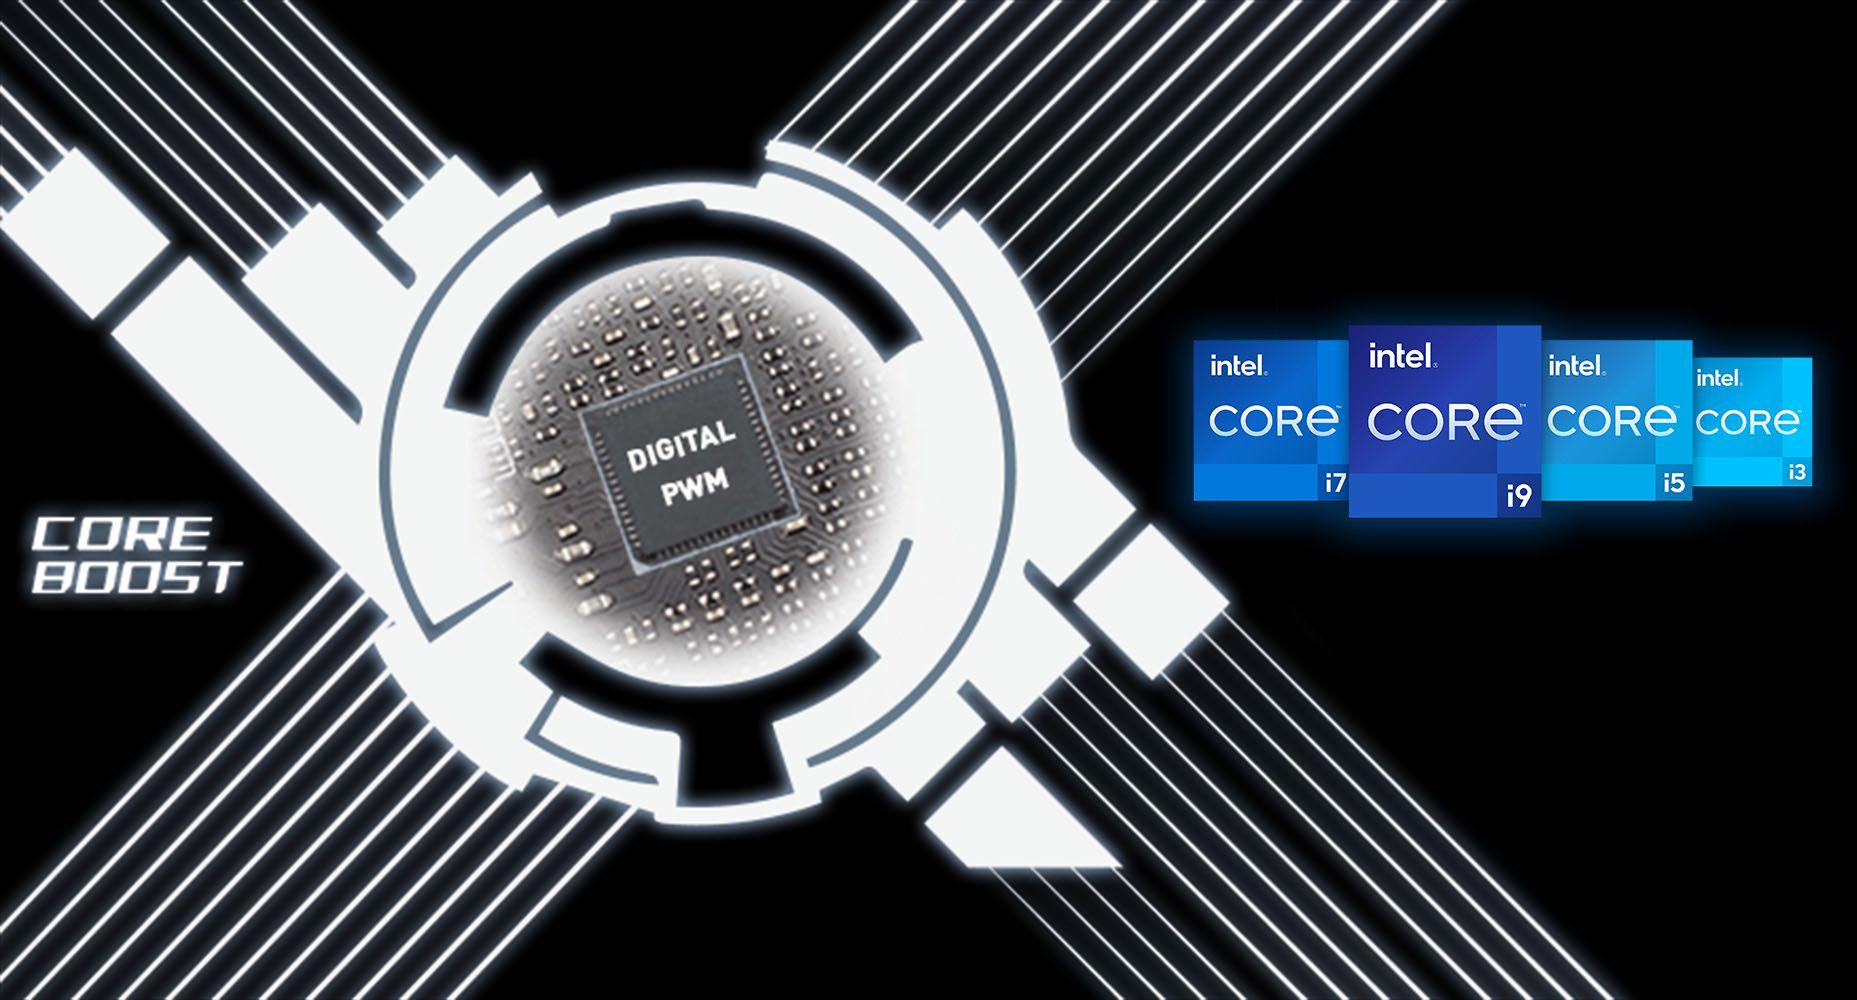 MSI H510M PRO CORE BOOST